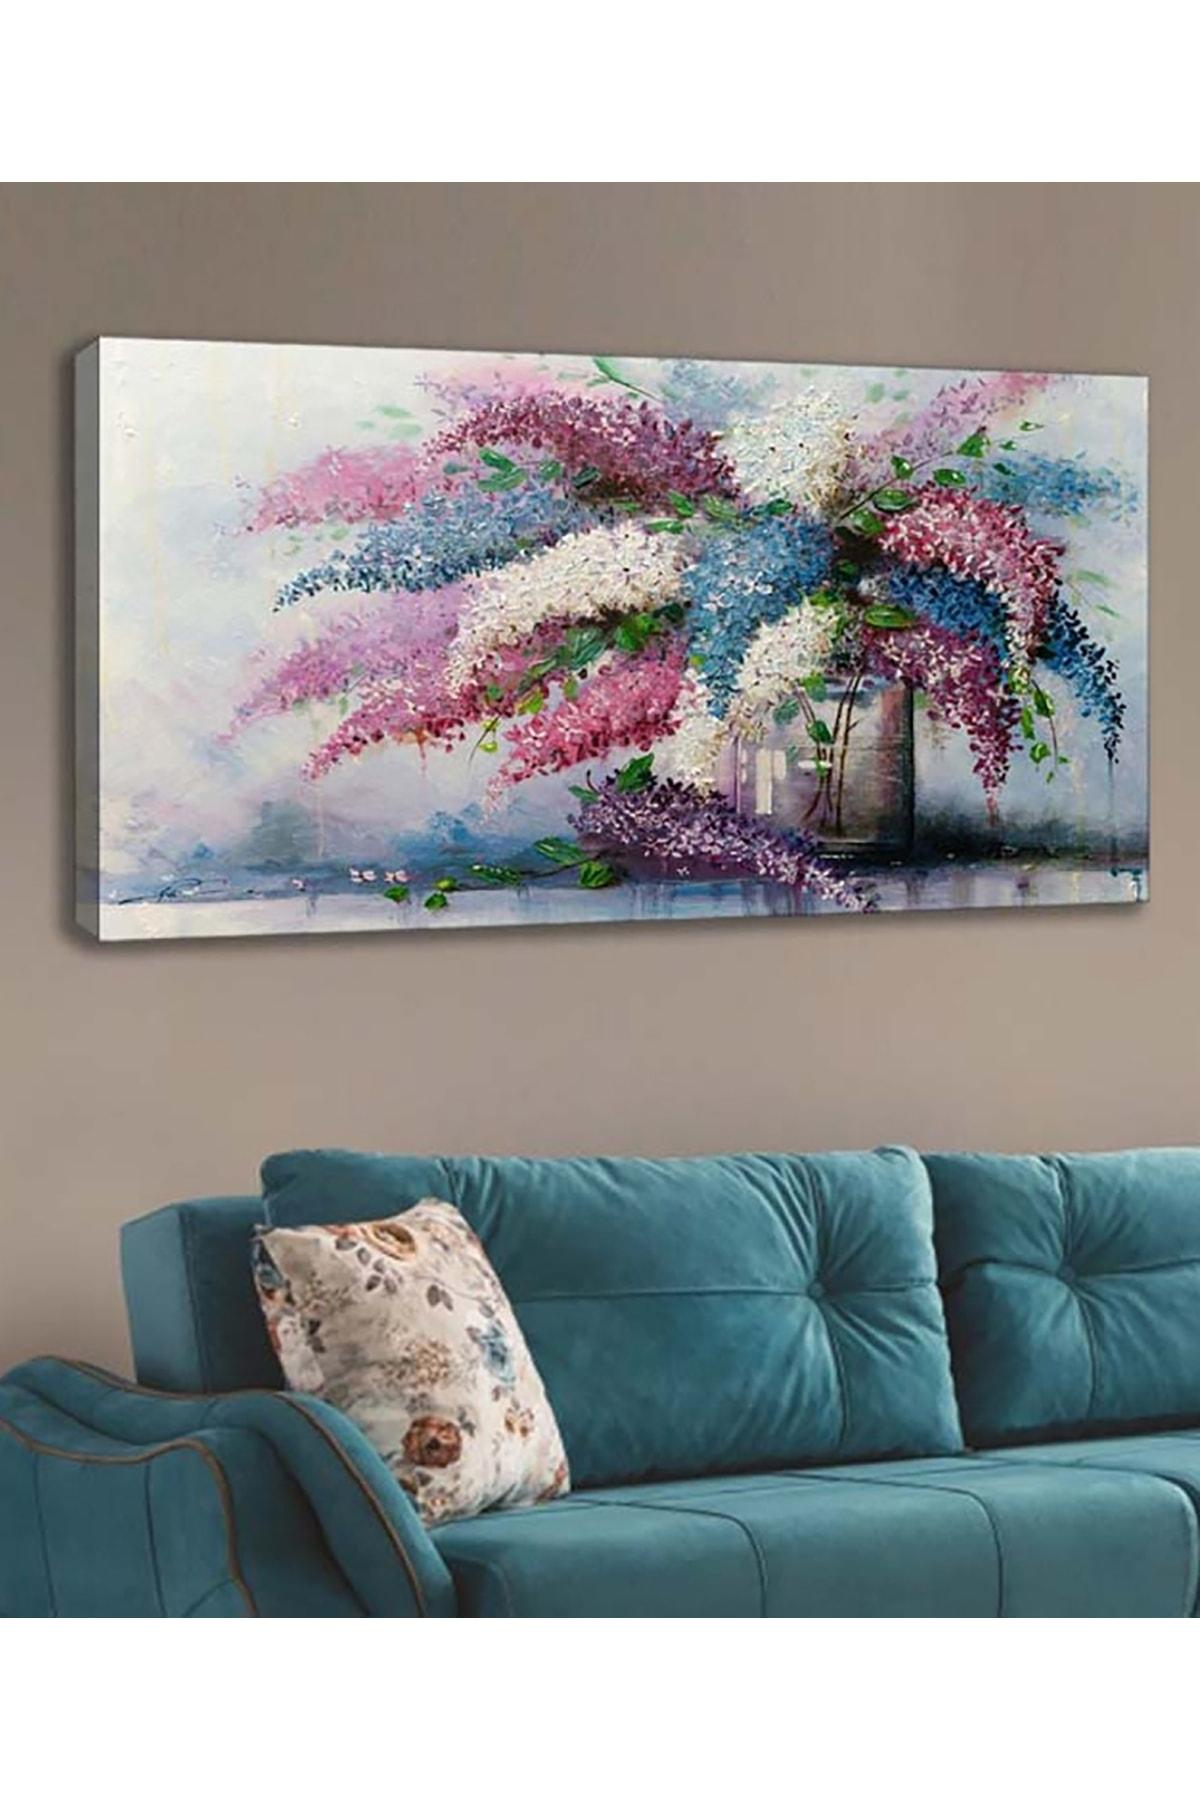 Shop365 Beyaz Çiçek Kanvas Tablo 120x60 cm Sc-206 1